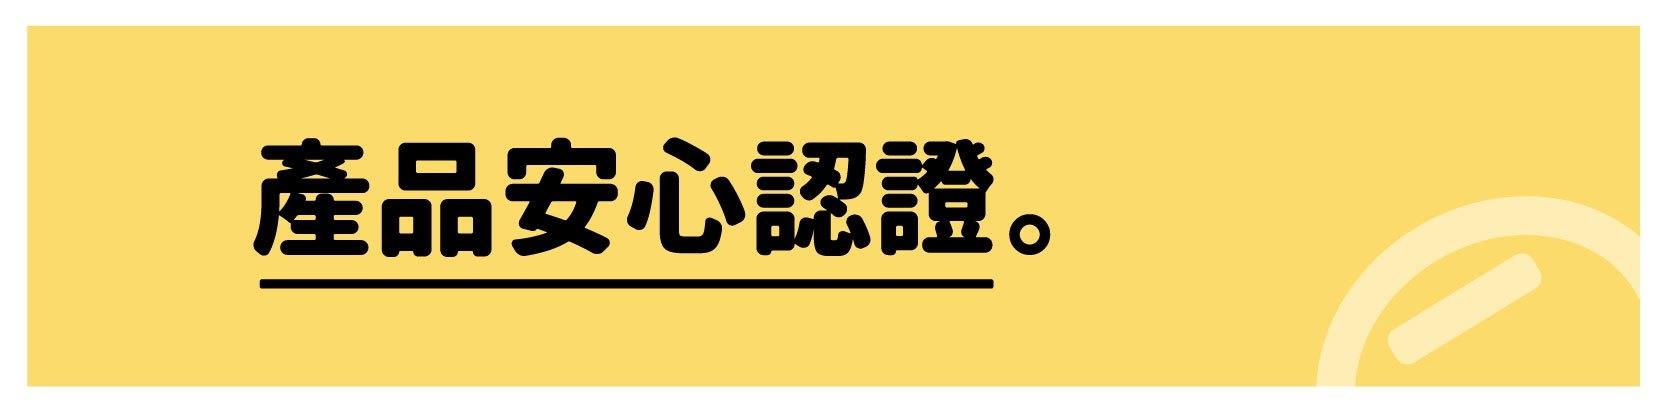 0428禾乃川商城資訊更新_210429.jpg